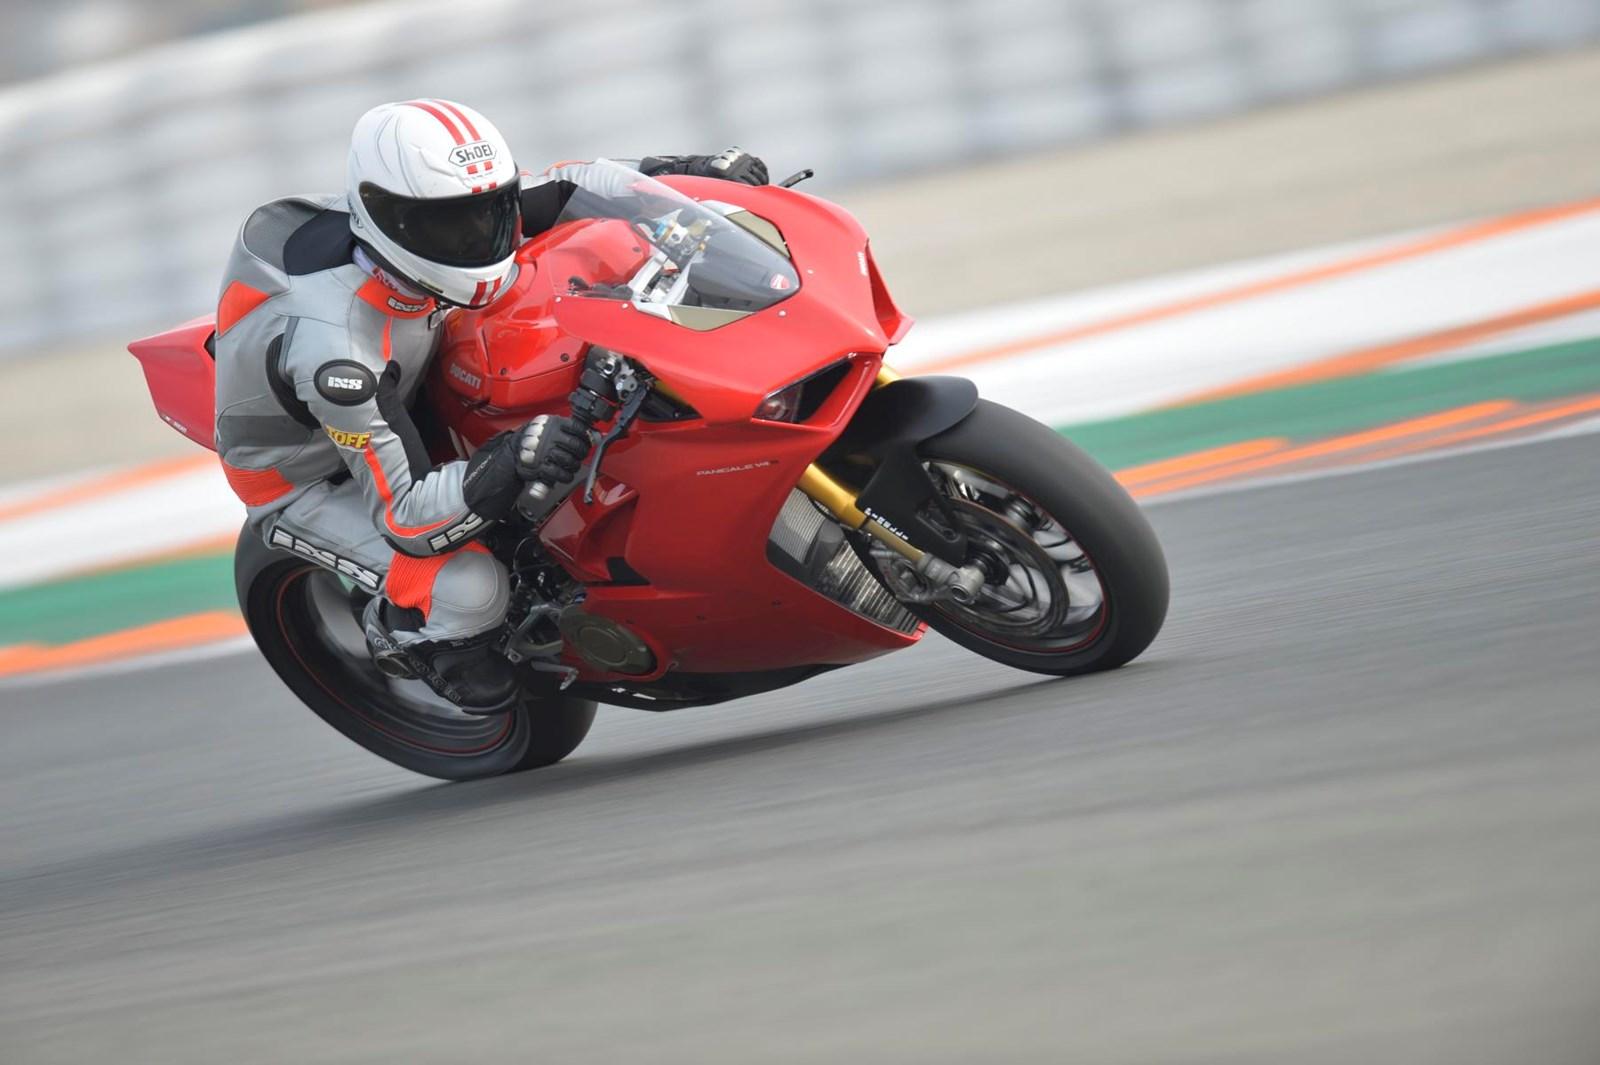 Ducati Panigale V4 S (2018) - 01.JPG (1)